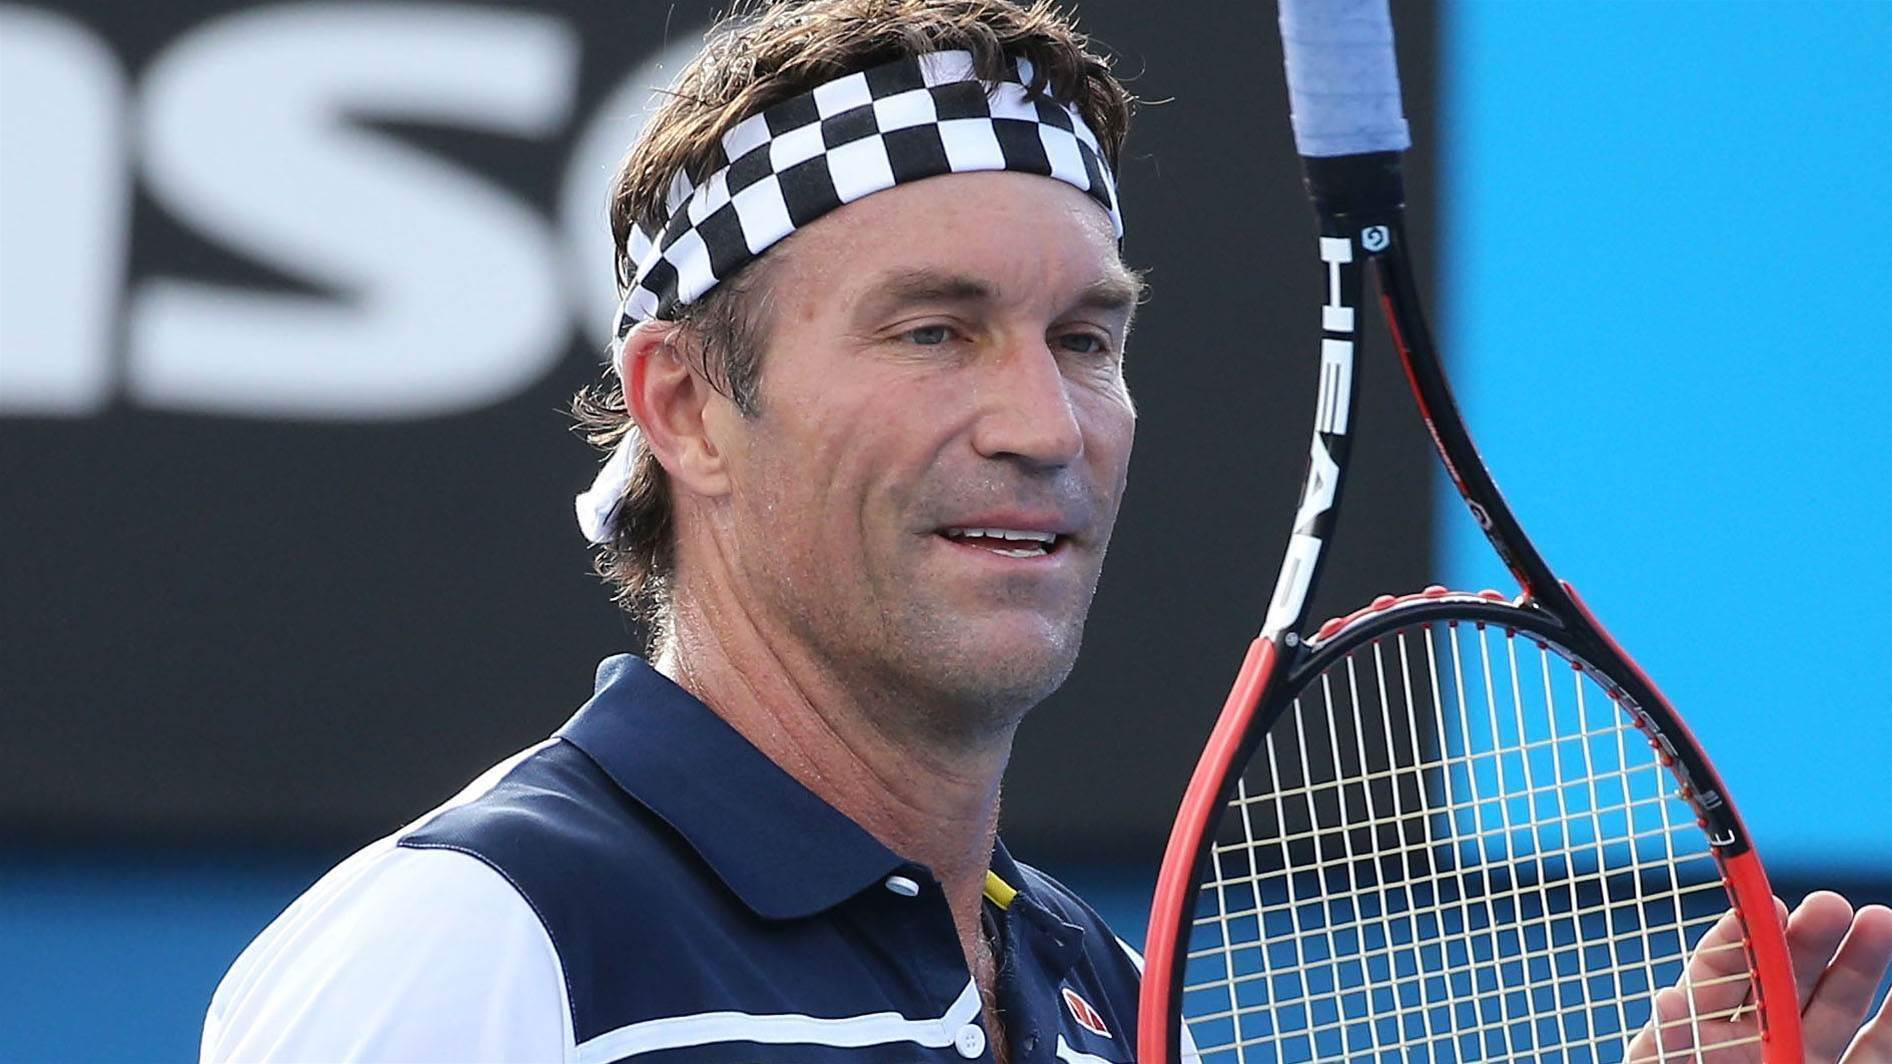 """Cash slams Federer's """"legal cheating"""""""